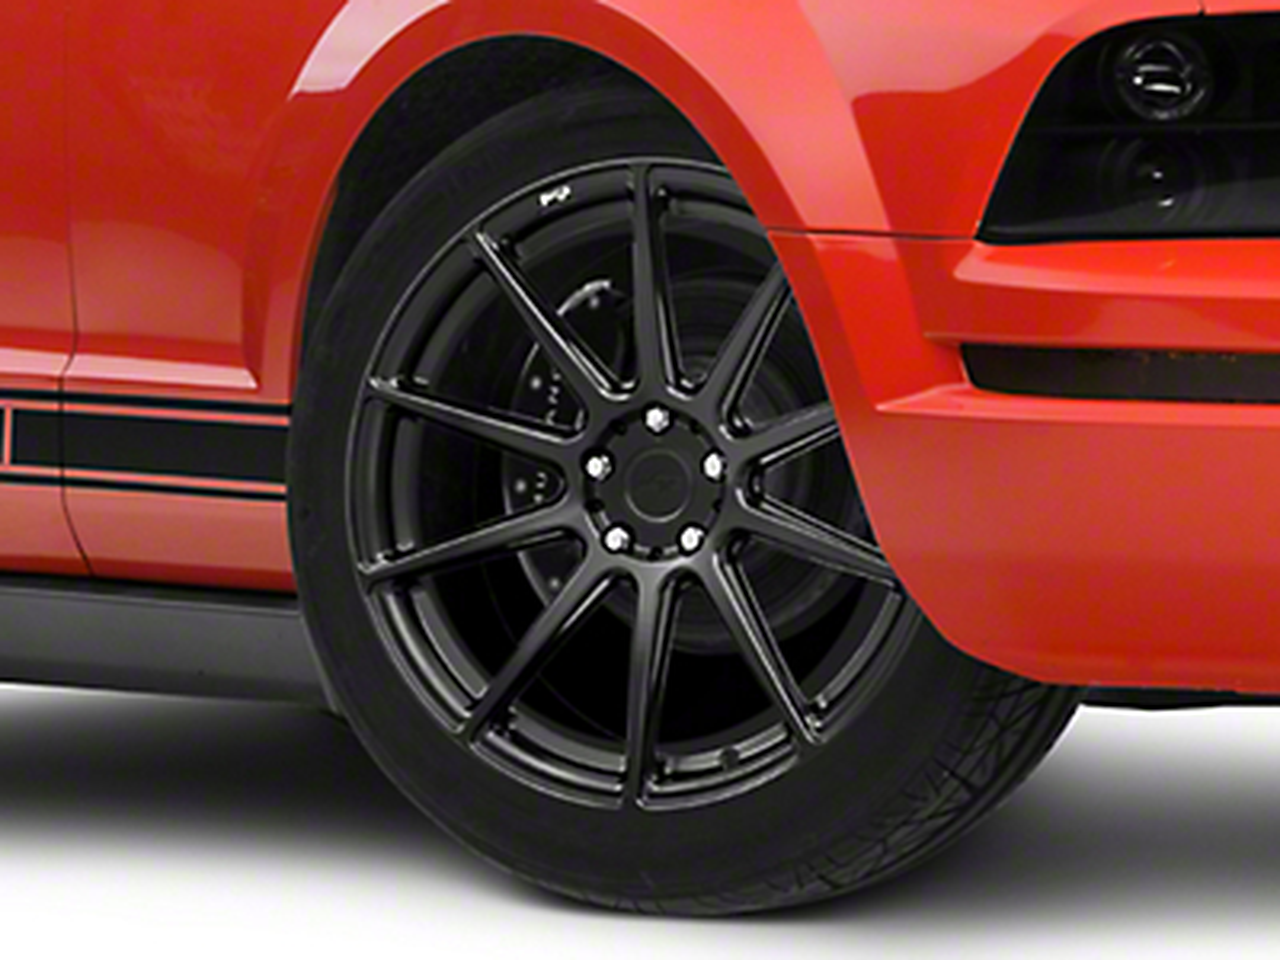 Niche Essen Matte Black Wheel 20x9 (05-14 All)